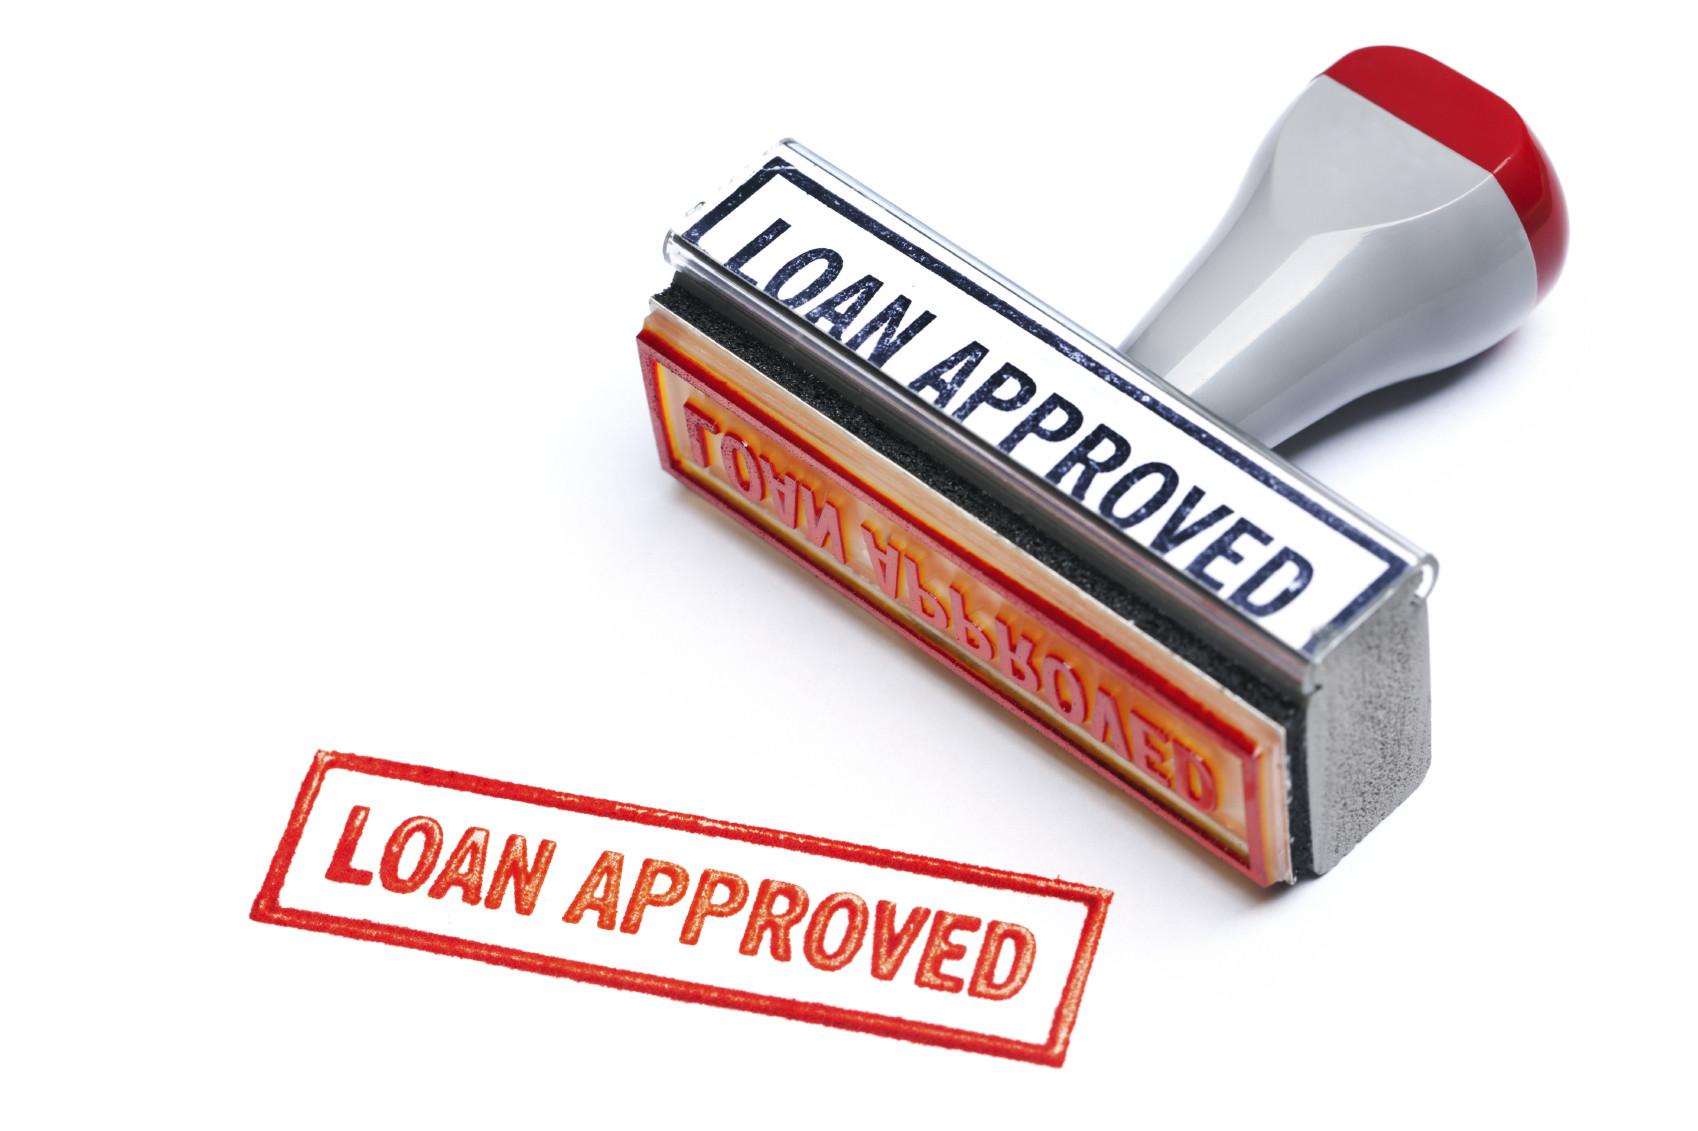 How to get Migo loan